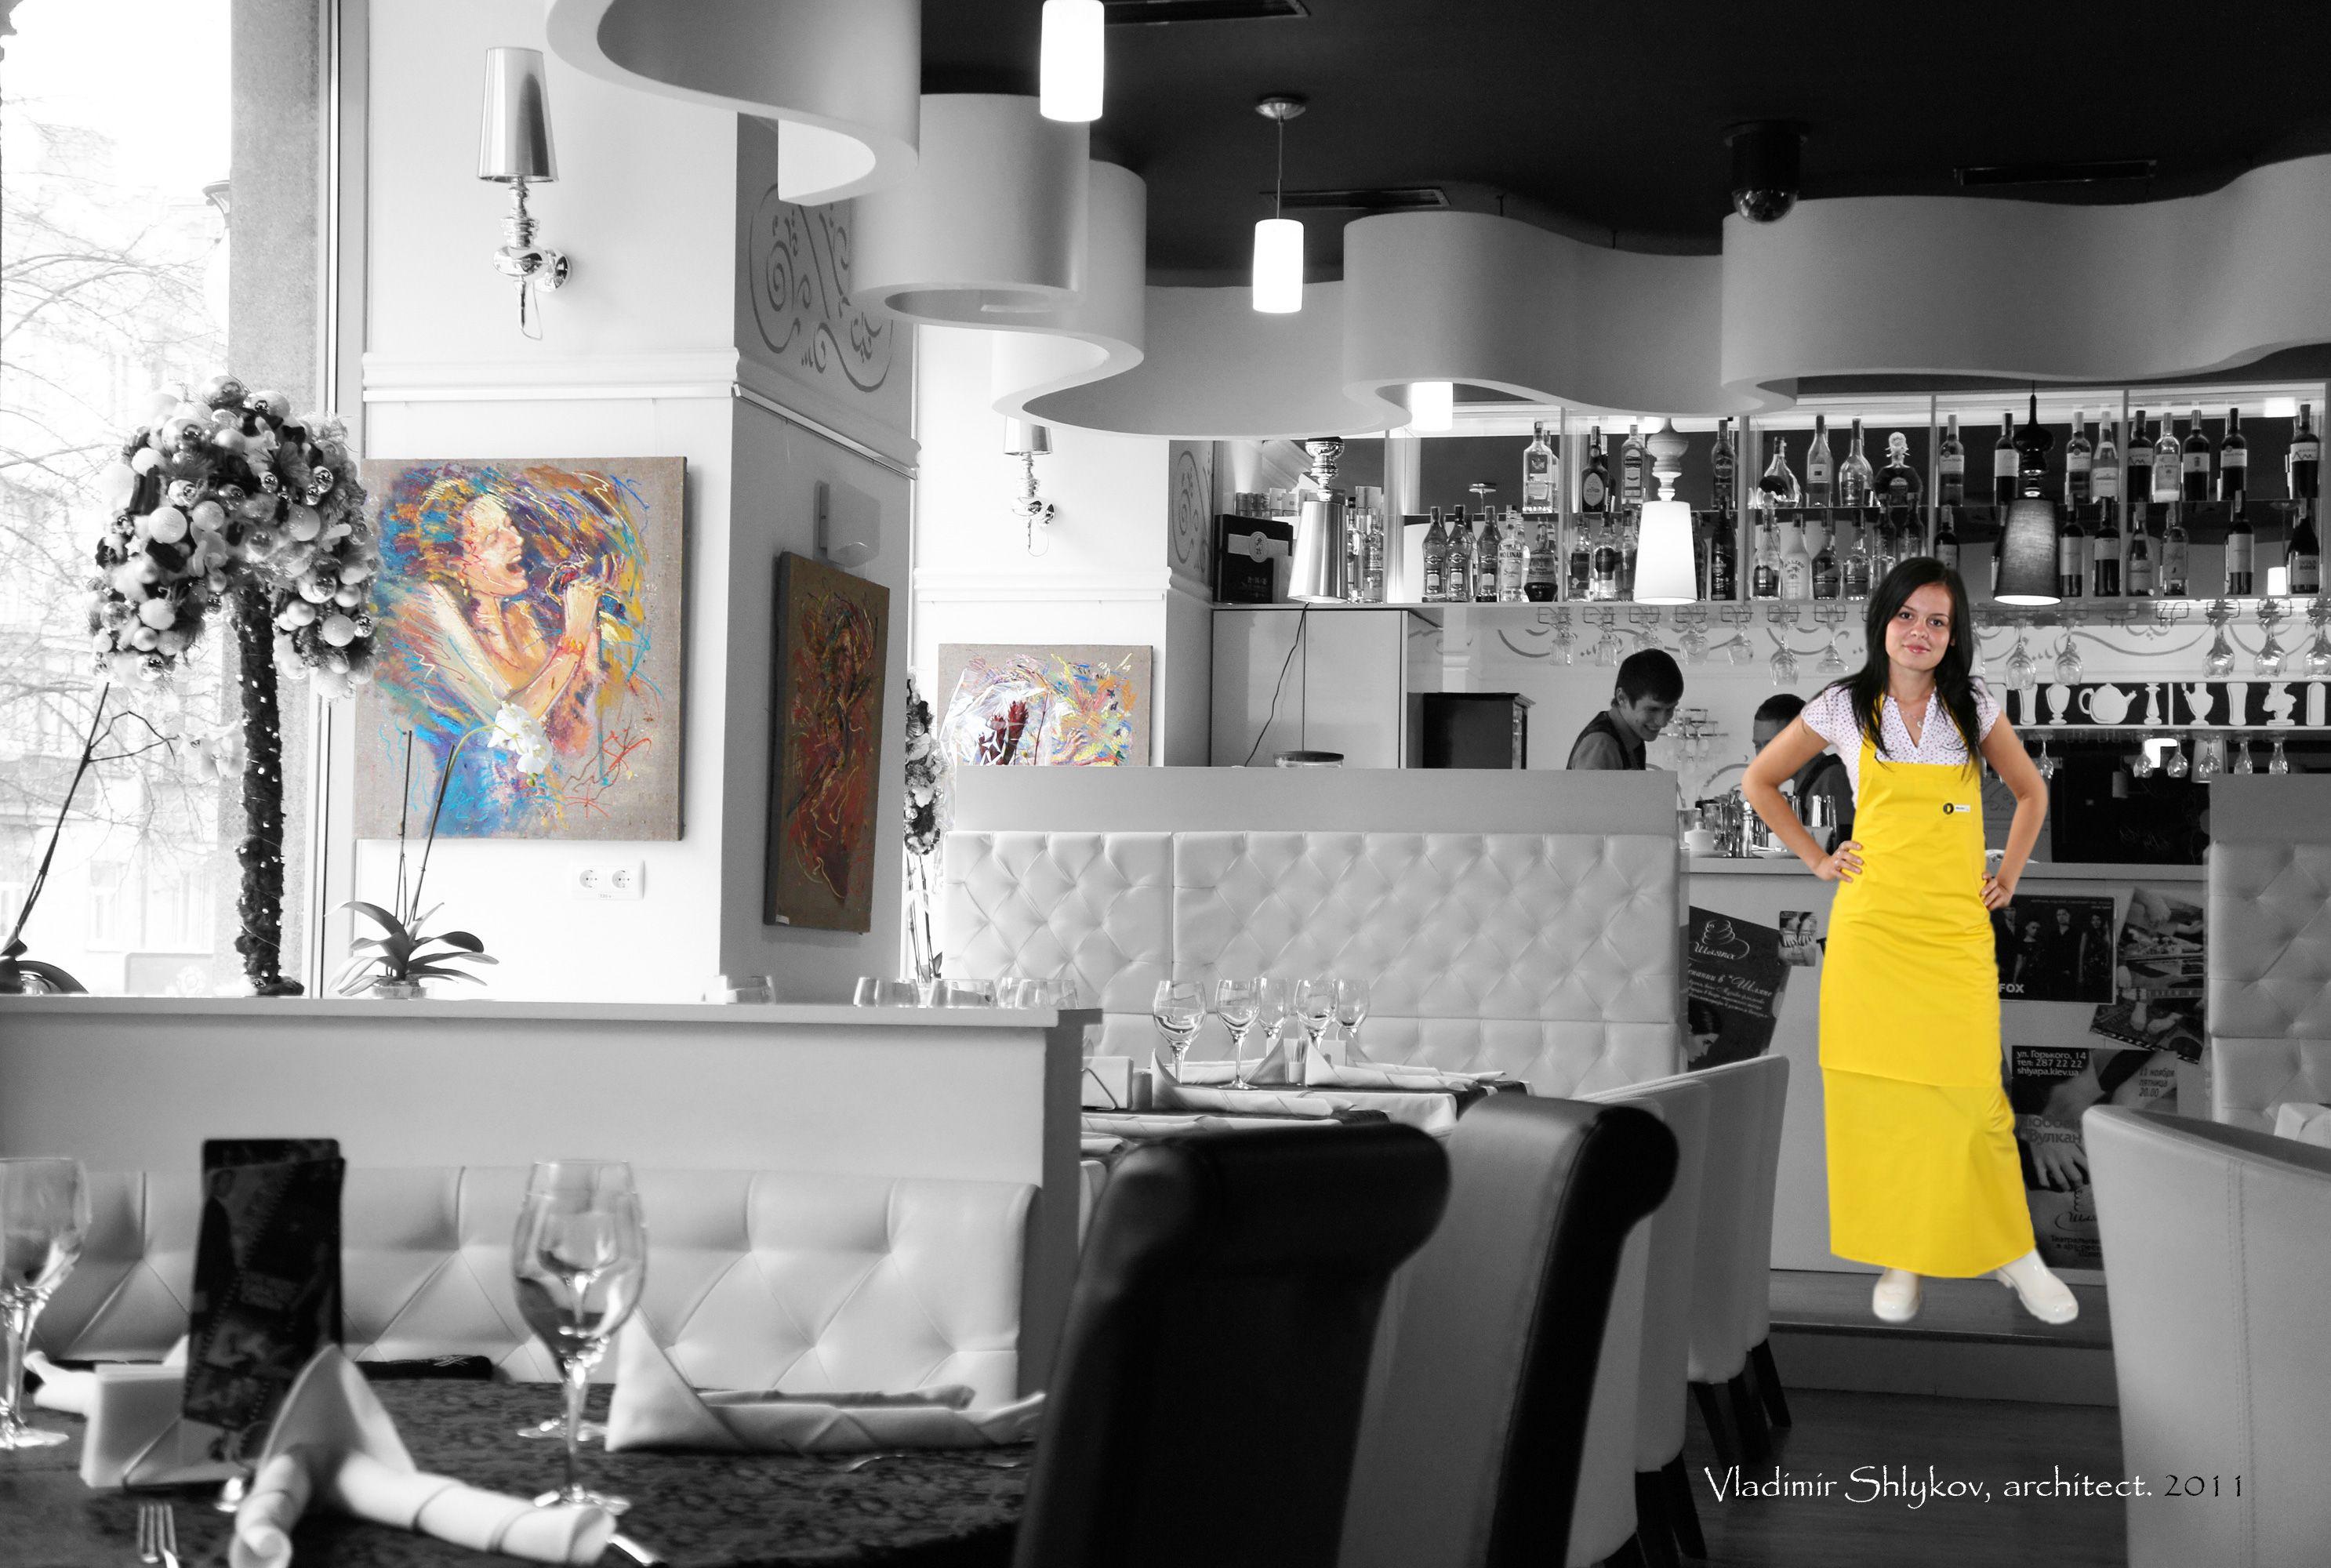 малышей кафе и рестораны идеальные для фотосессии поэтому возникает